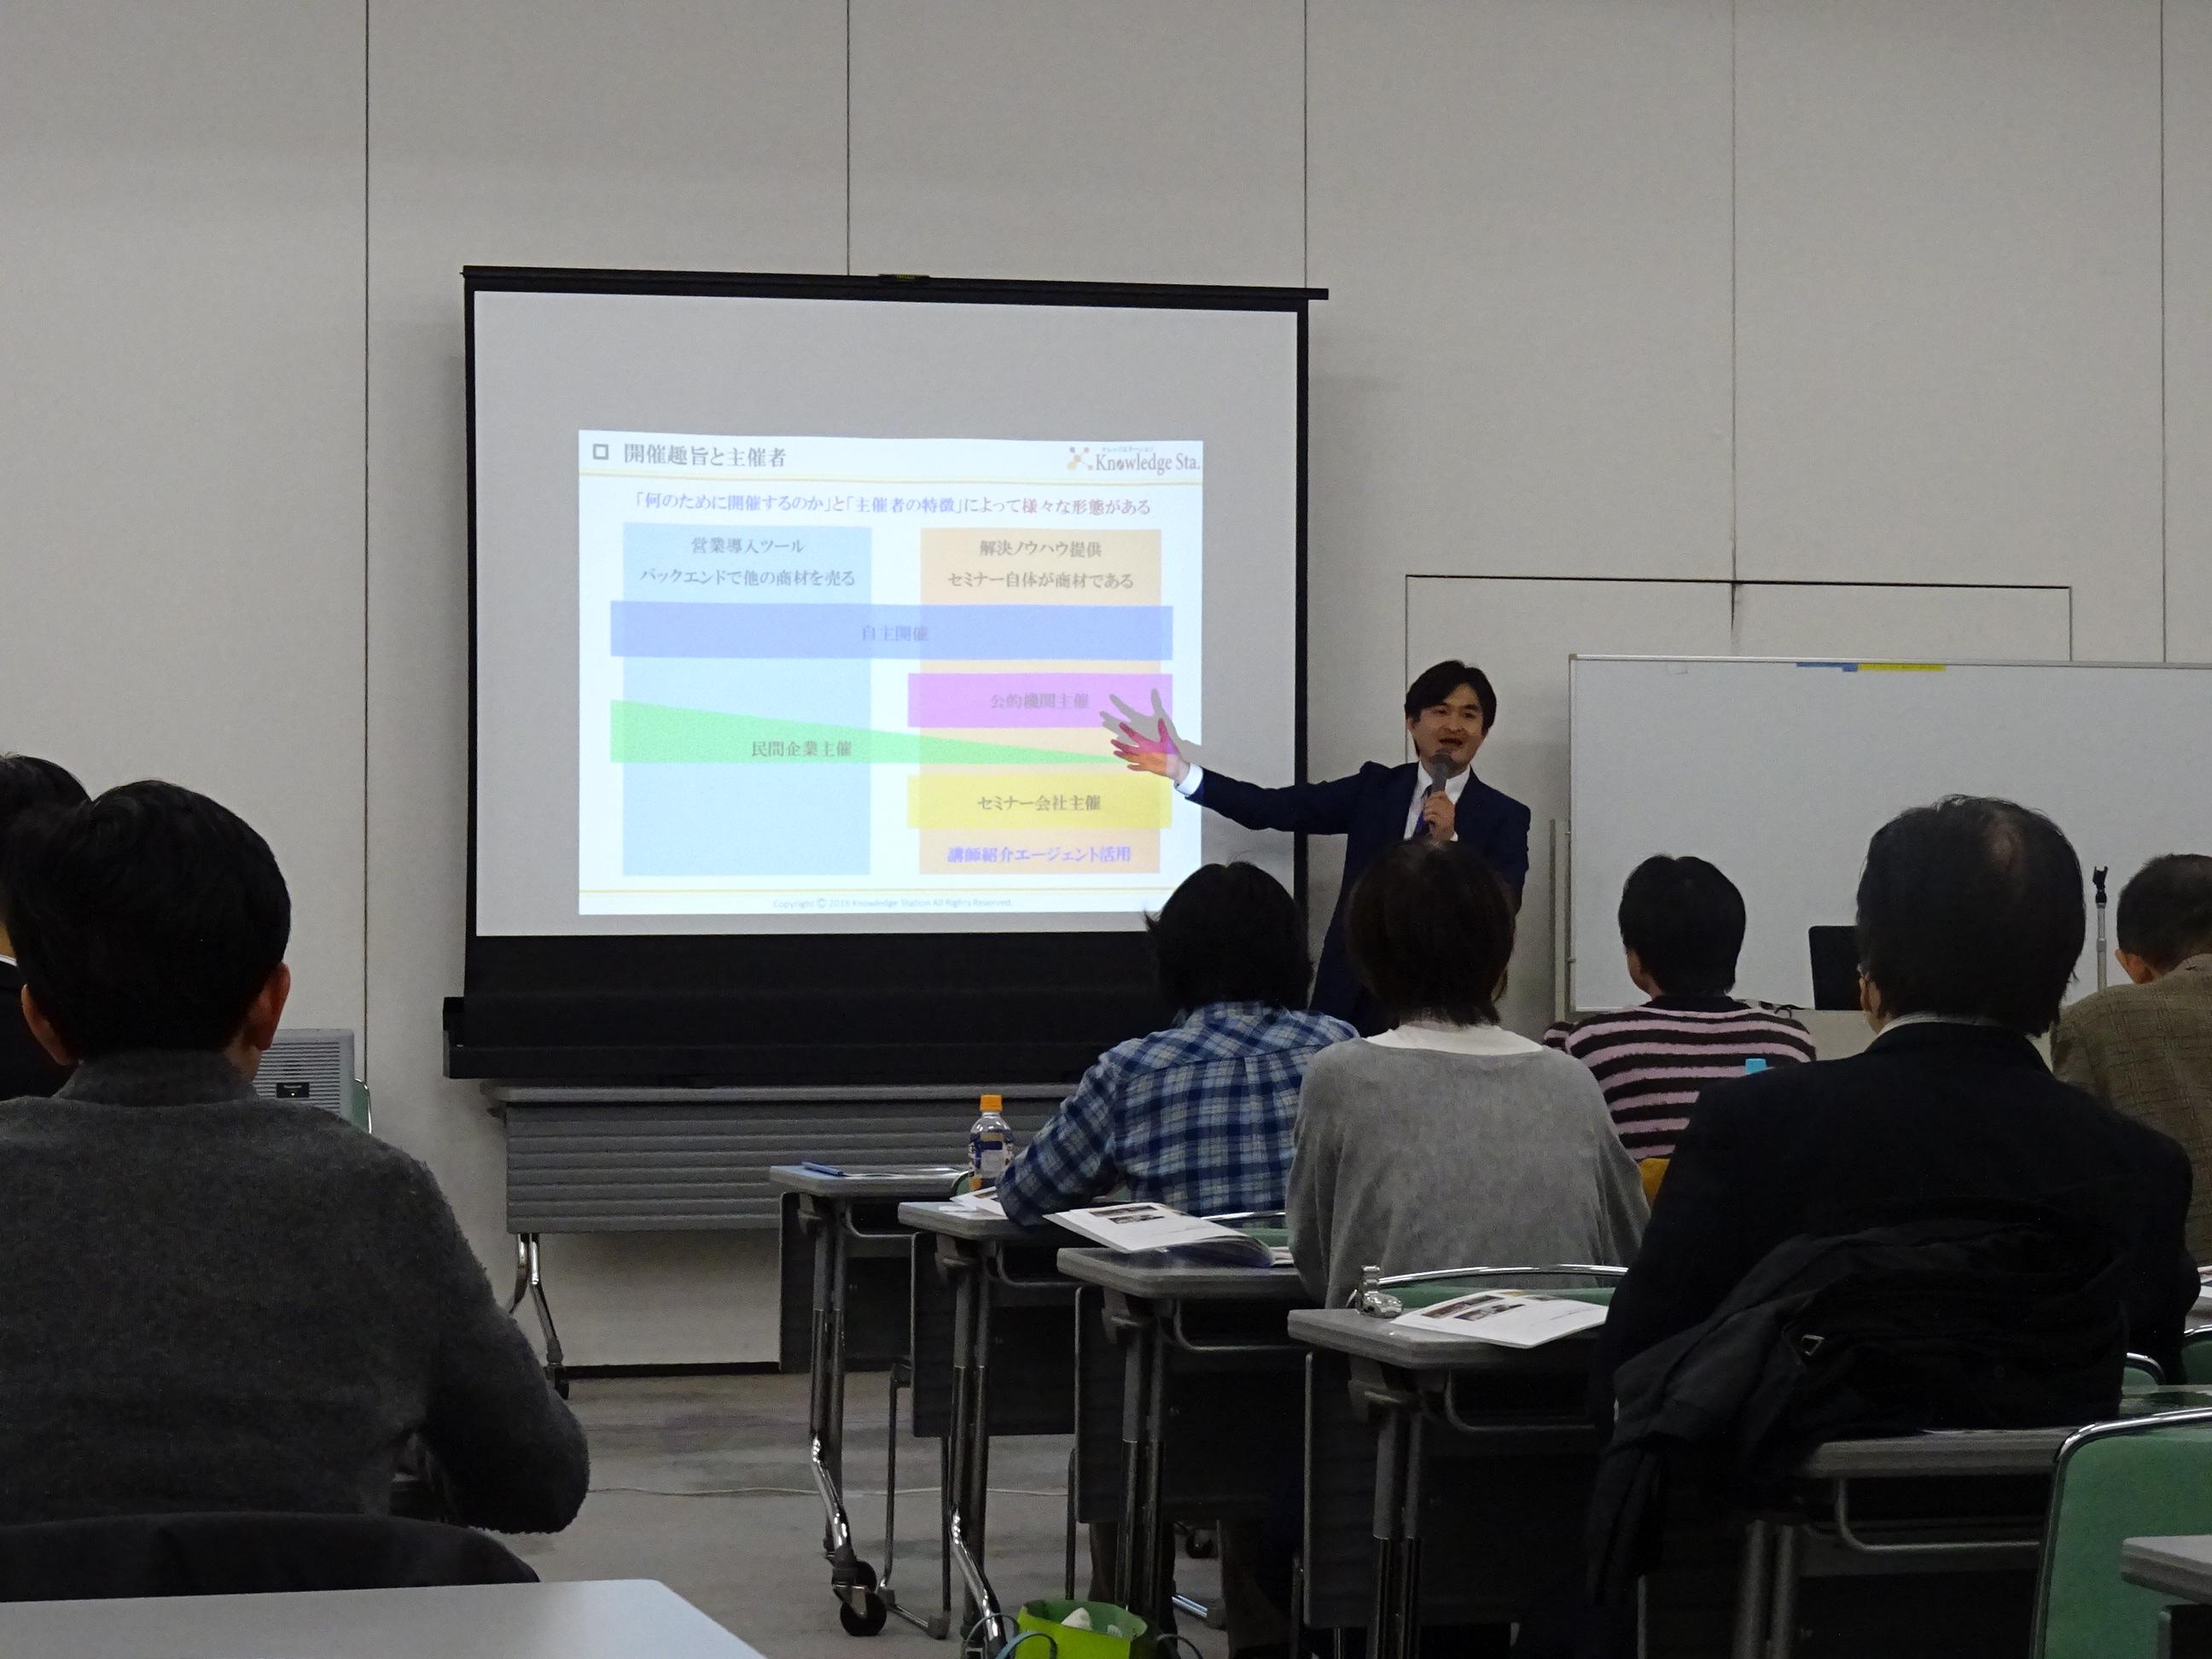 【さいたま】満足度の高い講師になるためのセミナーの作り方画像02